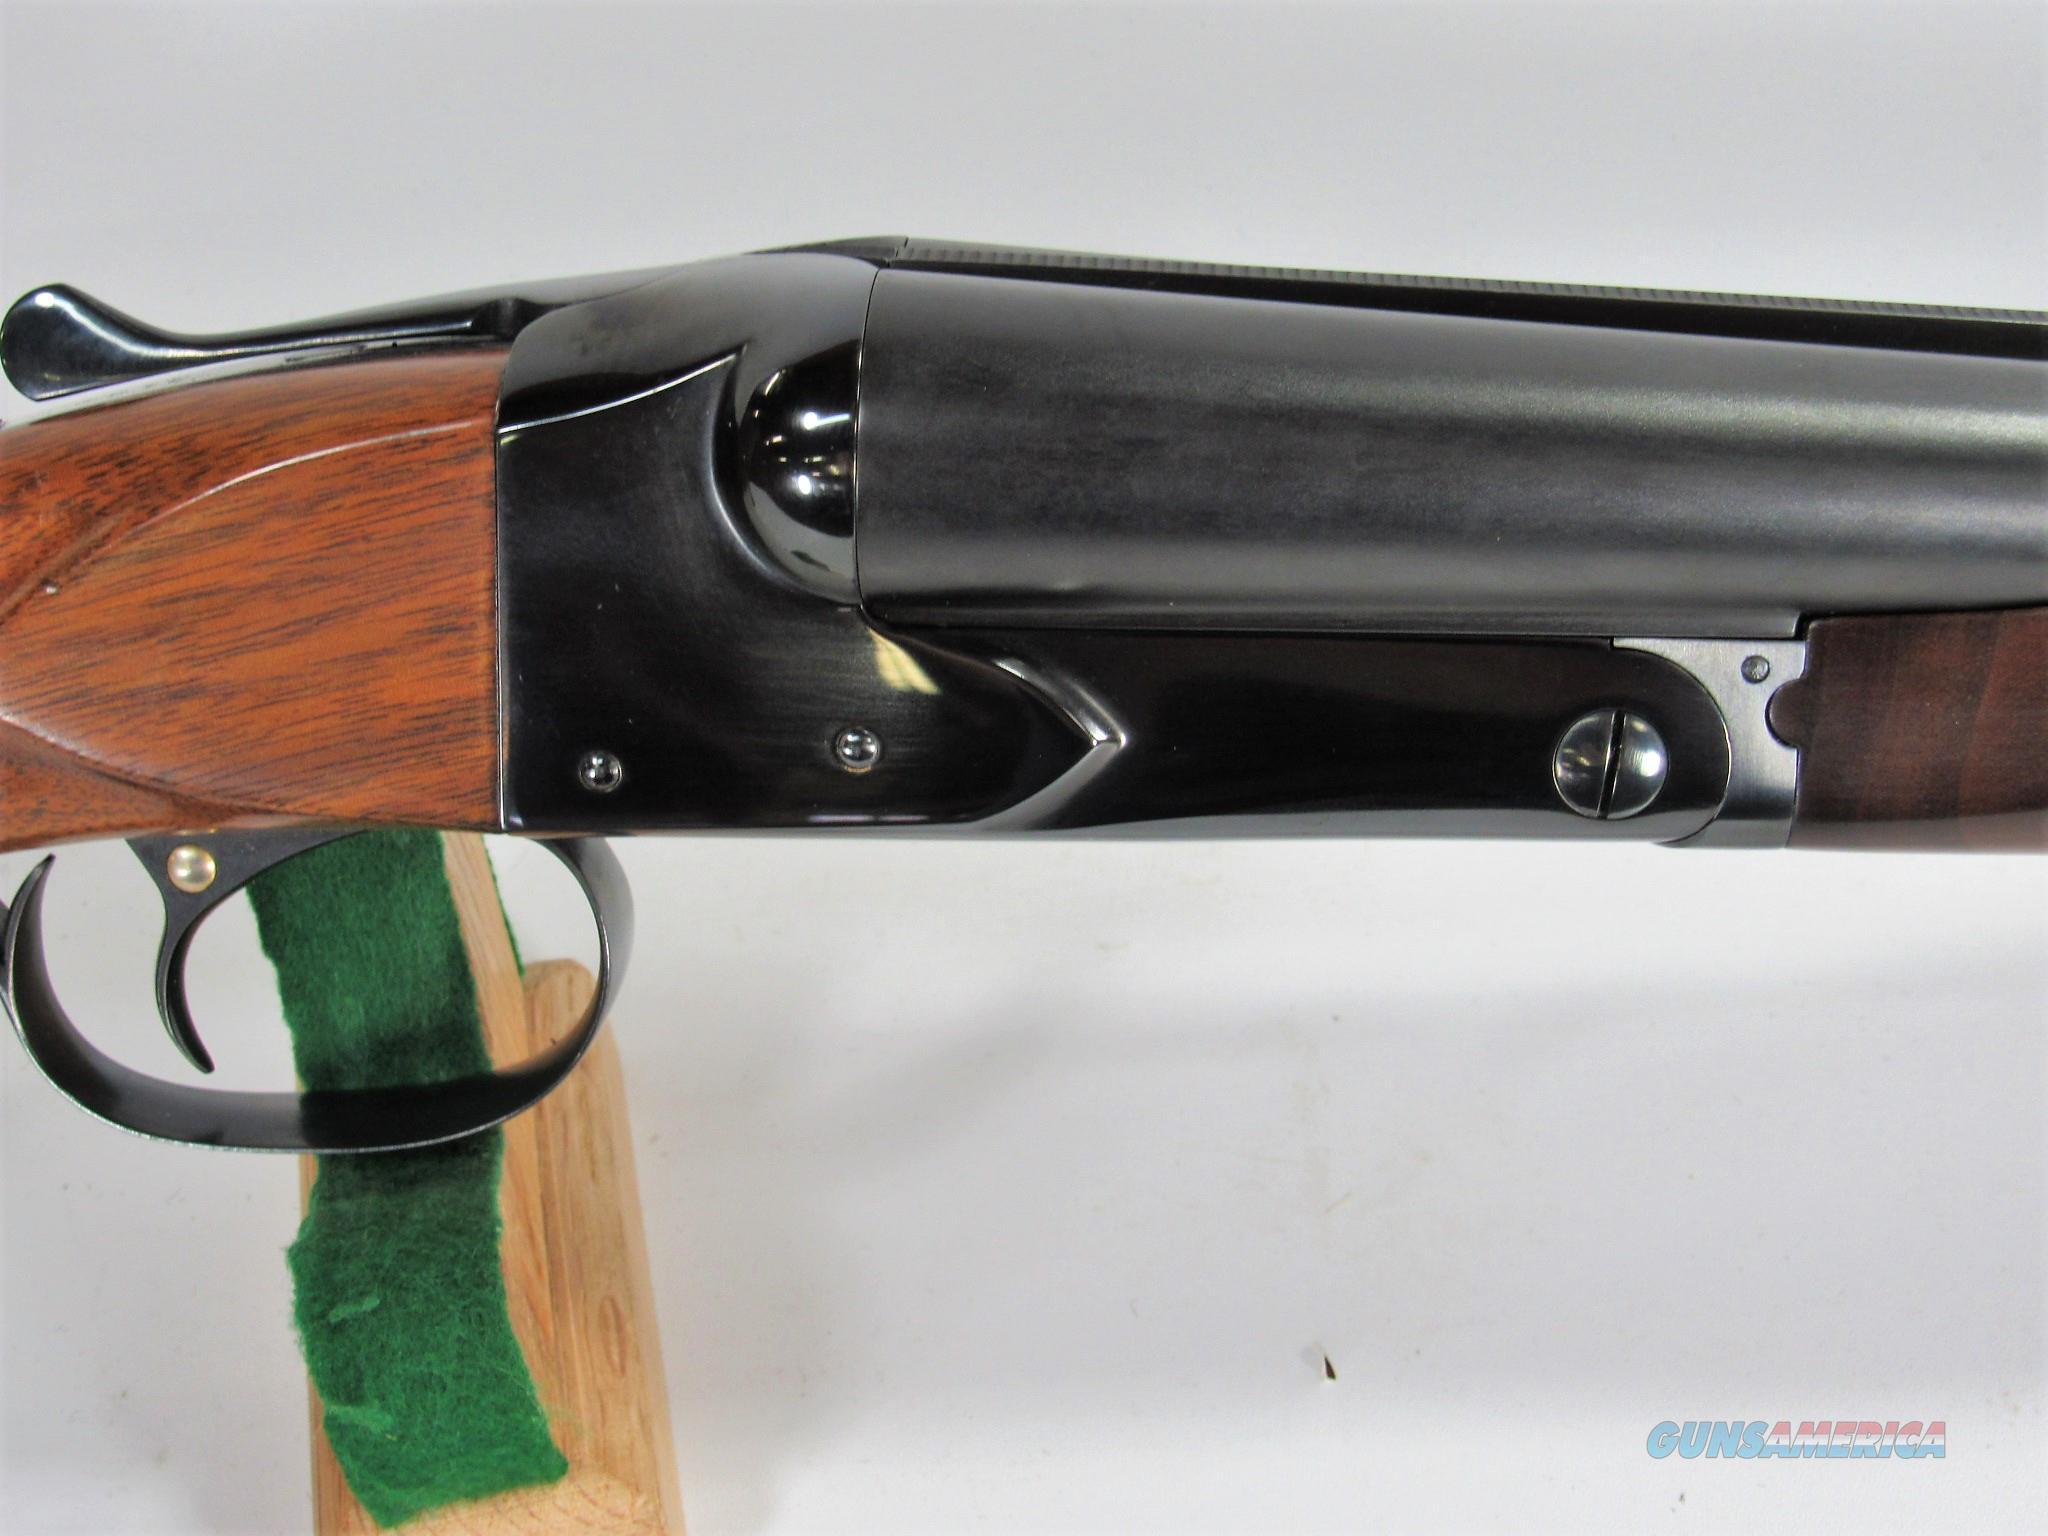 97YA WINCHESTER 21 TOURNAMENT SKEET 12GA  Guns > Shotguns > Winchester Shotguns - Modern > SxS